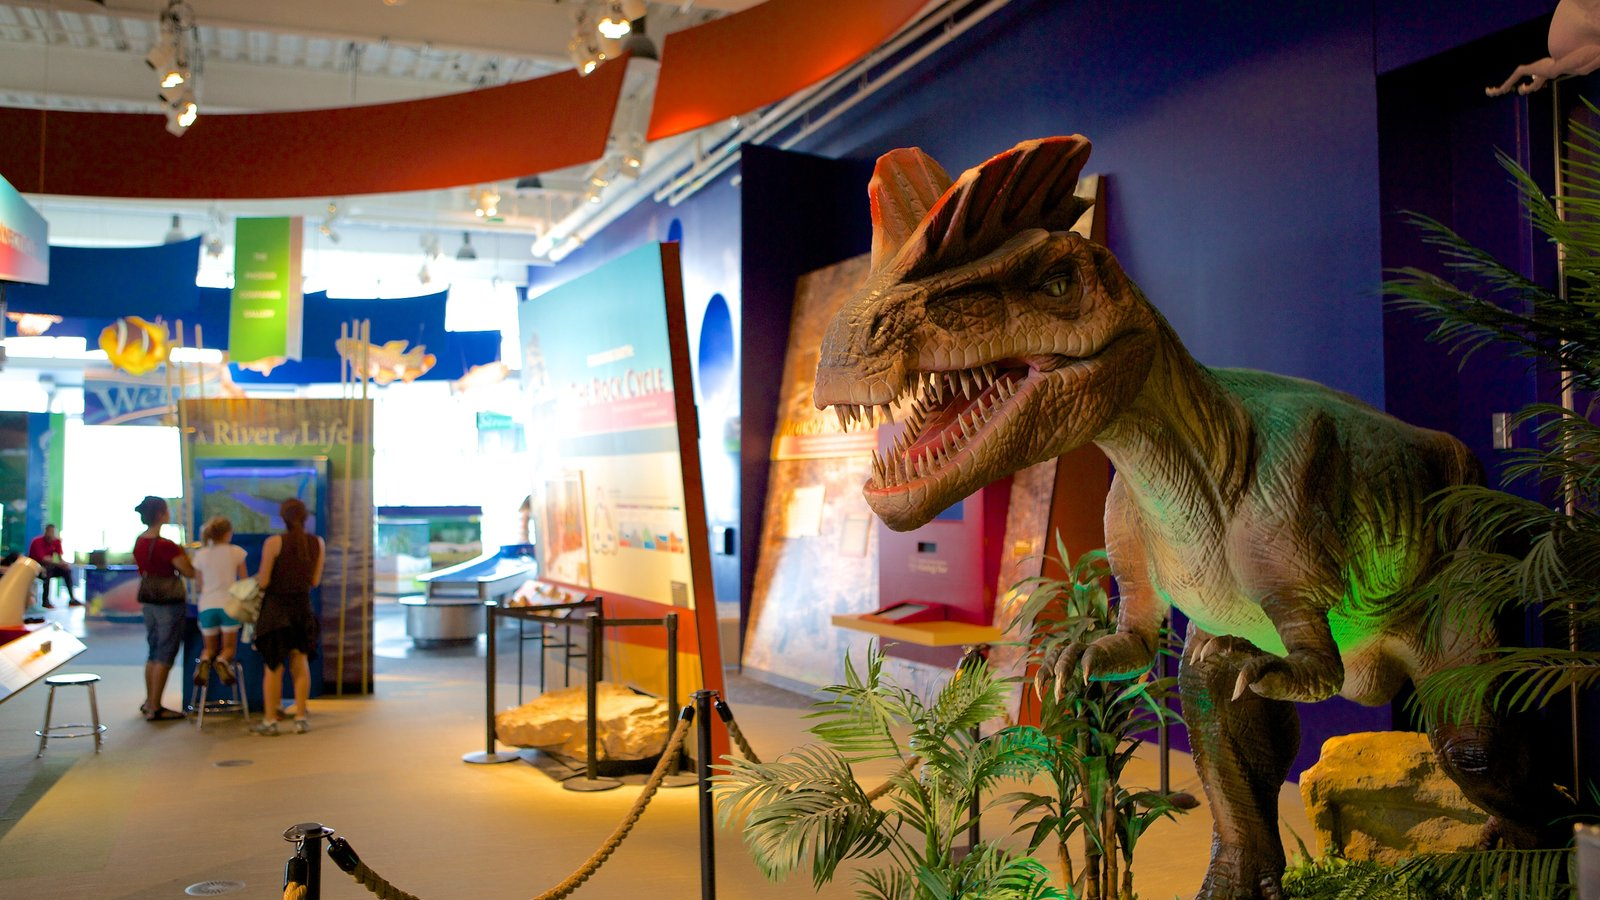 Centro de Ciencias de Connecticut ofreciendo vistas interiores